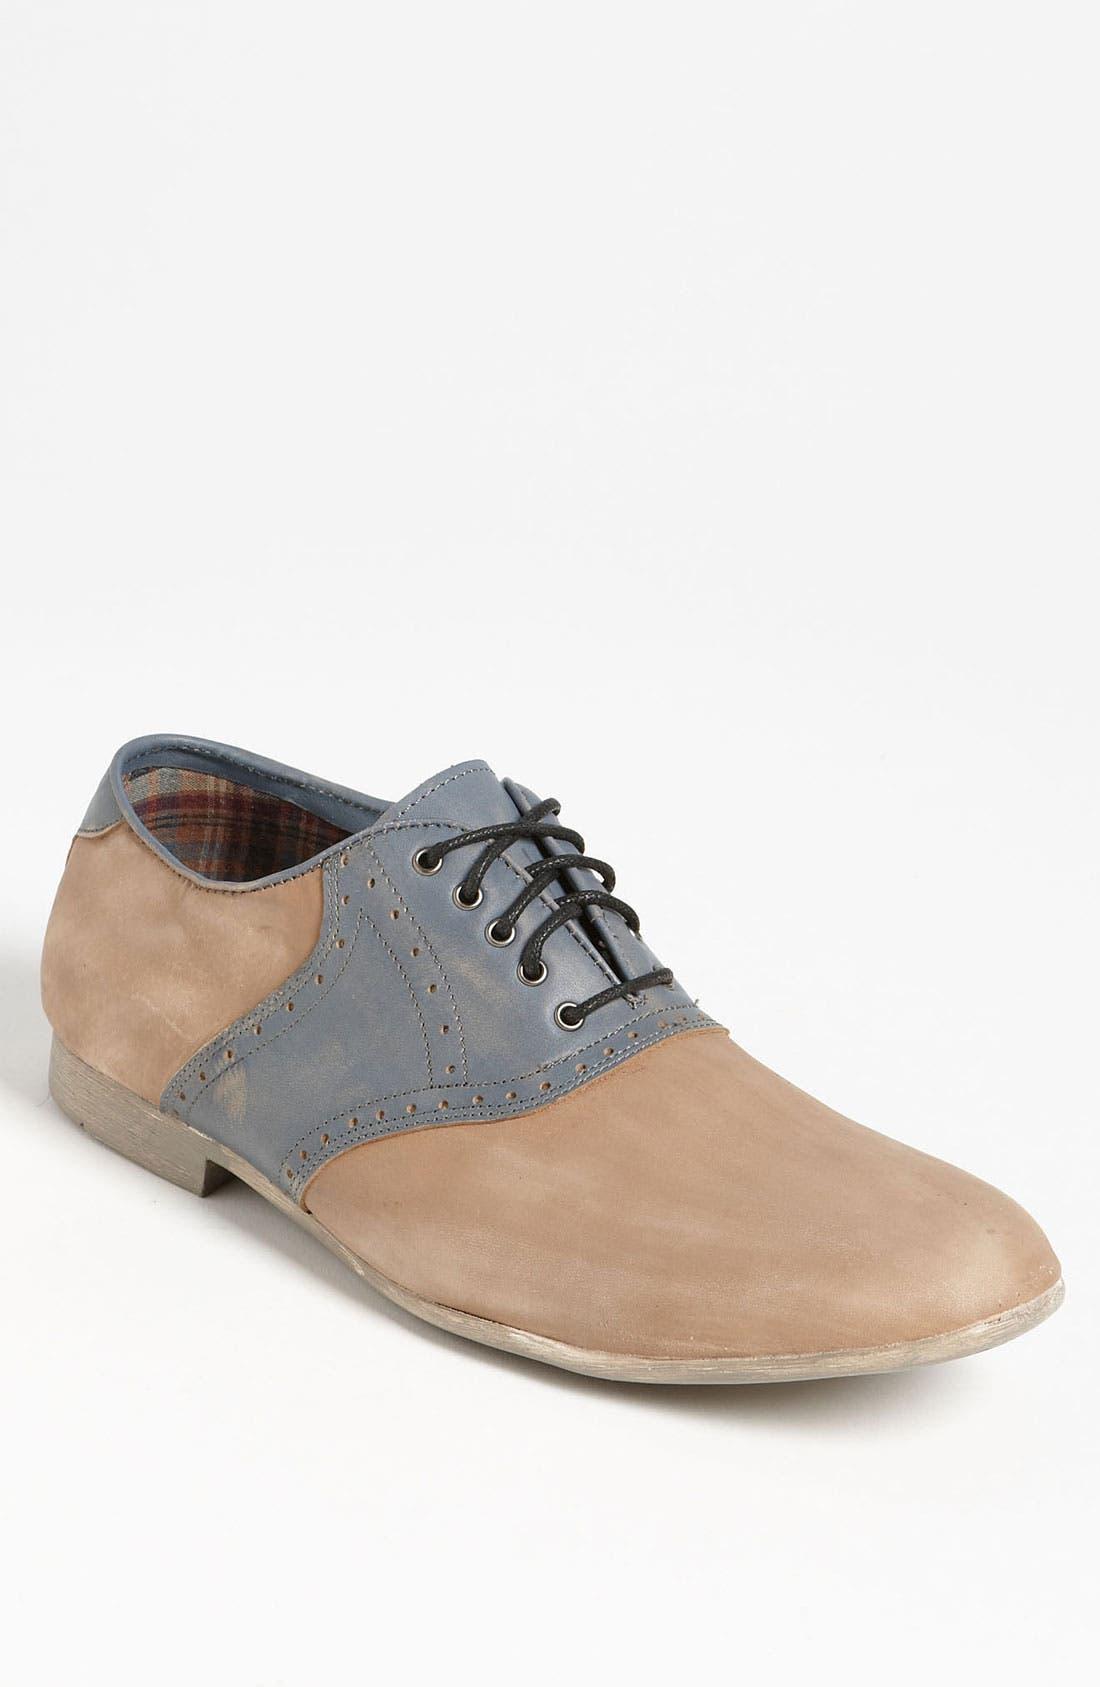 Alternate Image 1 Selected - Bed Stu 'Orleans' Saddle Shoe